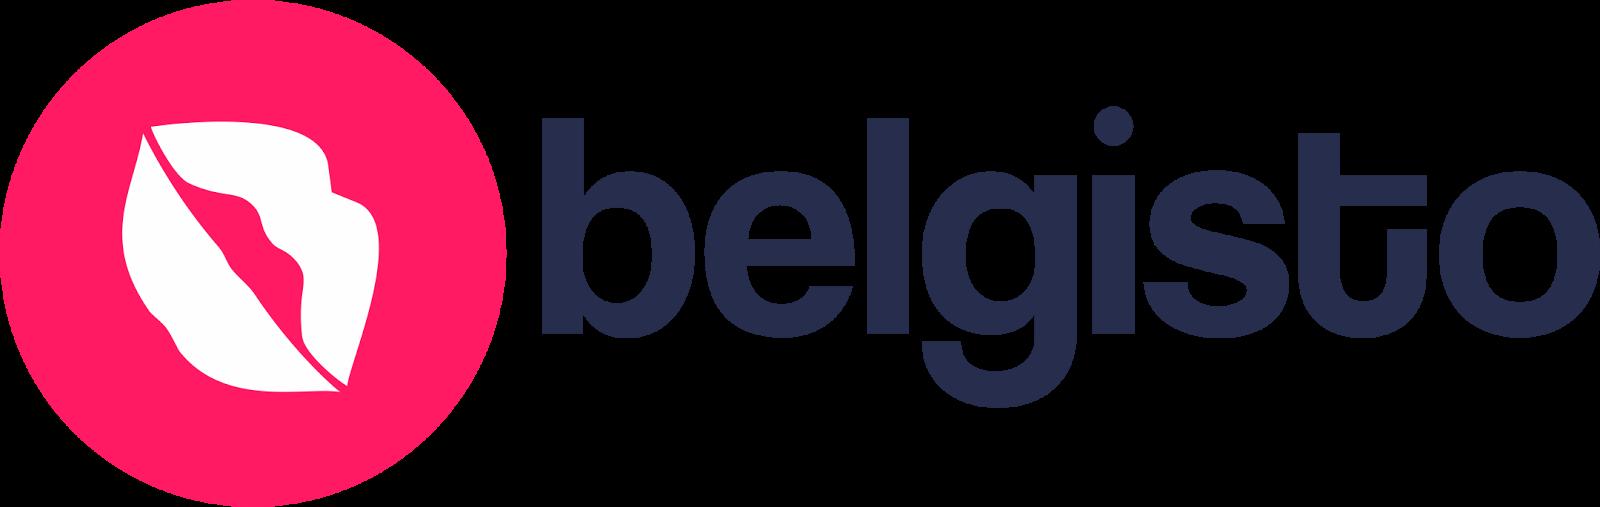 Belgisto.pl